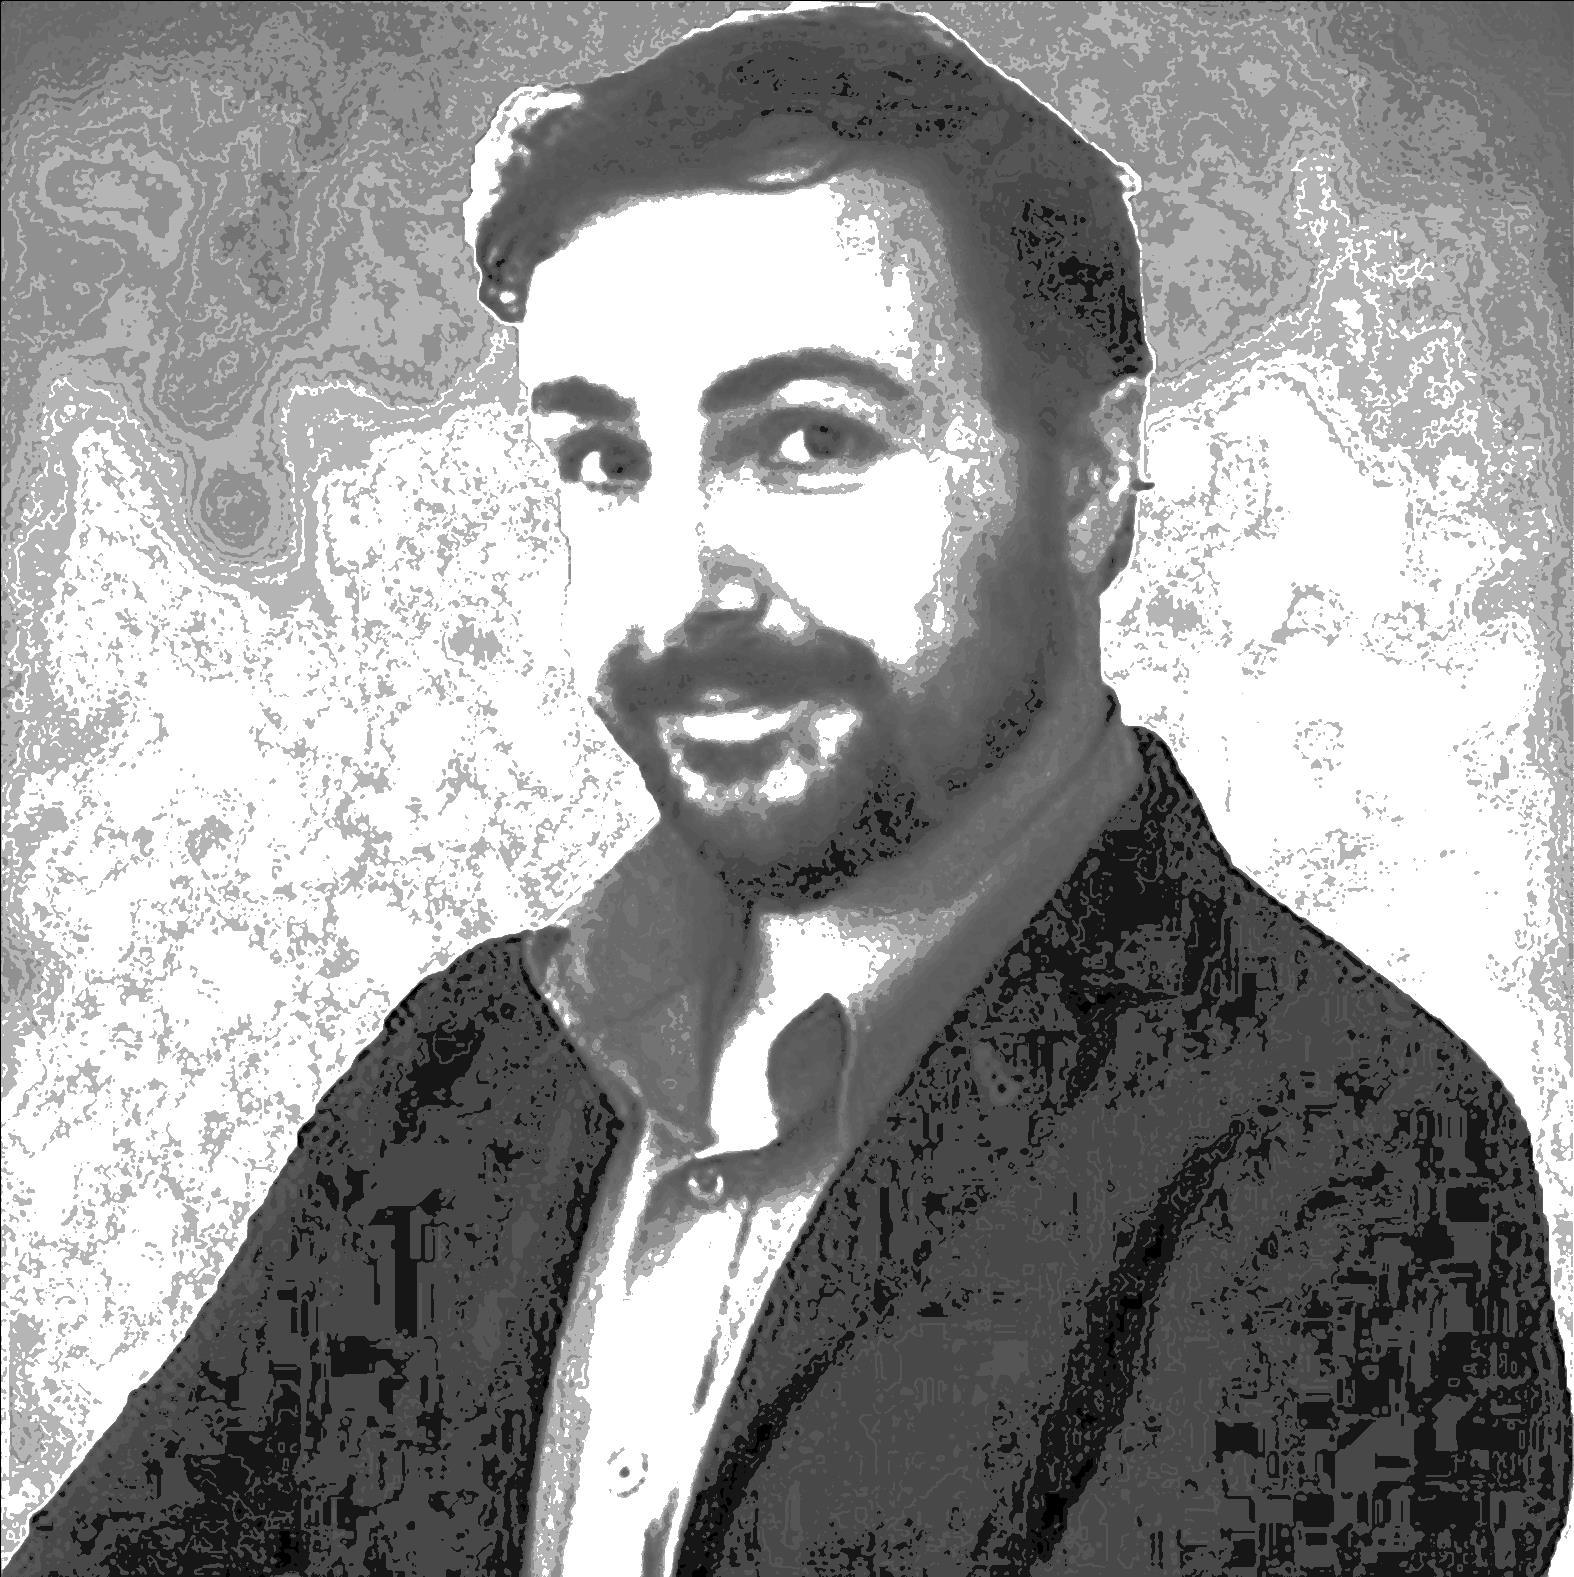 Sebastiano Fatutto